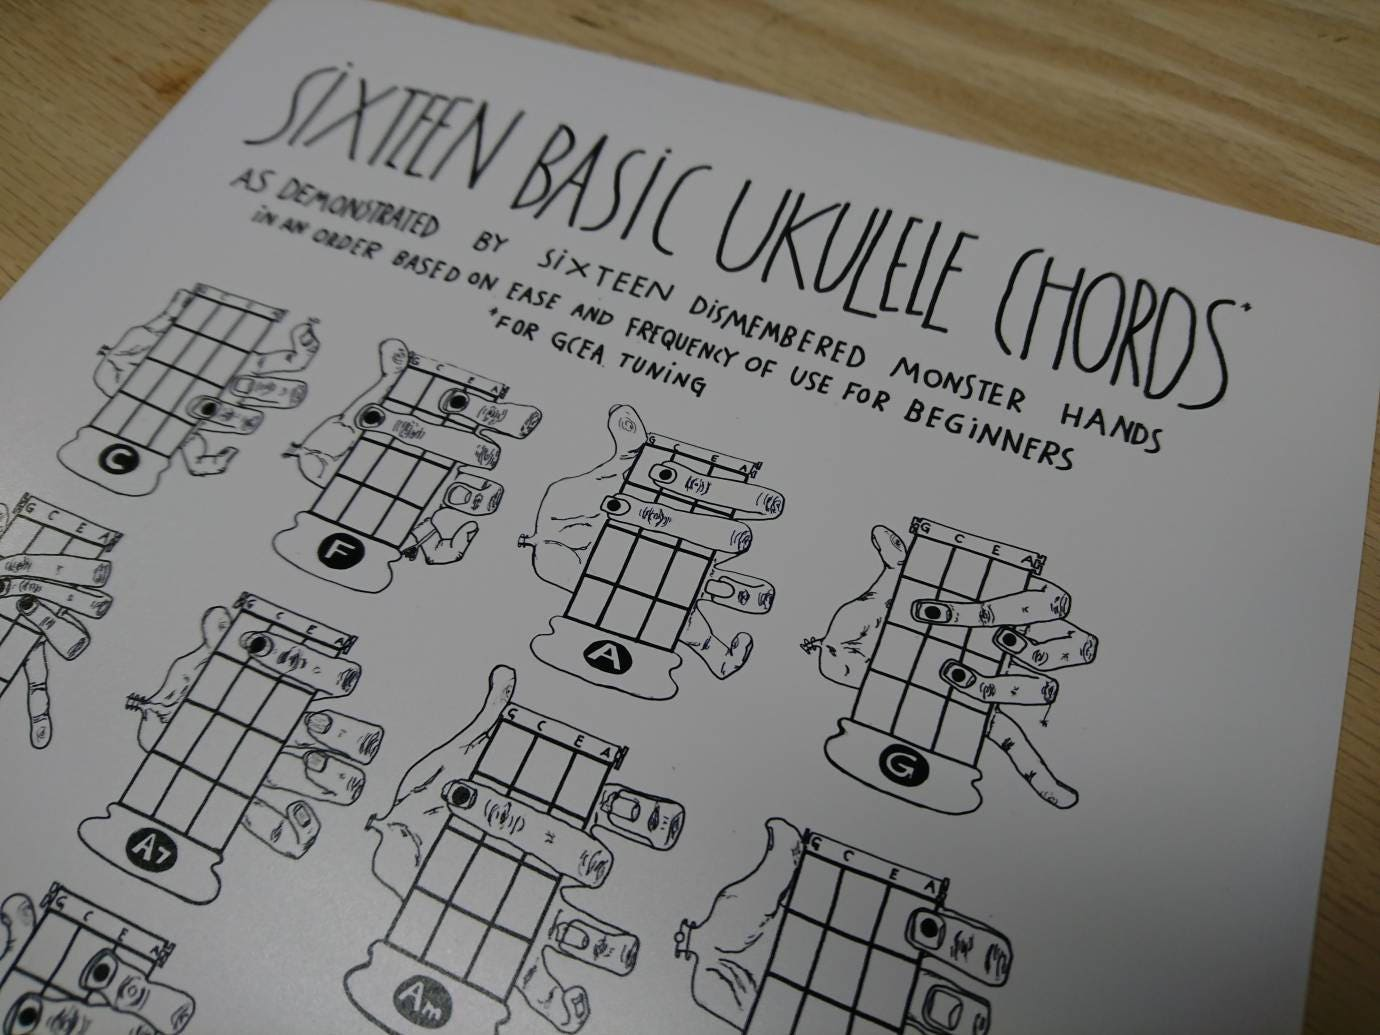 White Dress Ukulele Chords A7 Uke Chord Diagram Damien Jurado Tabs 154 Total Ultimate Guitarcom